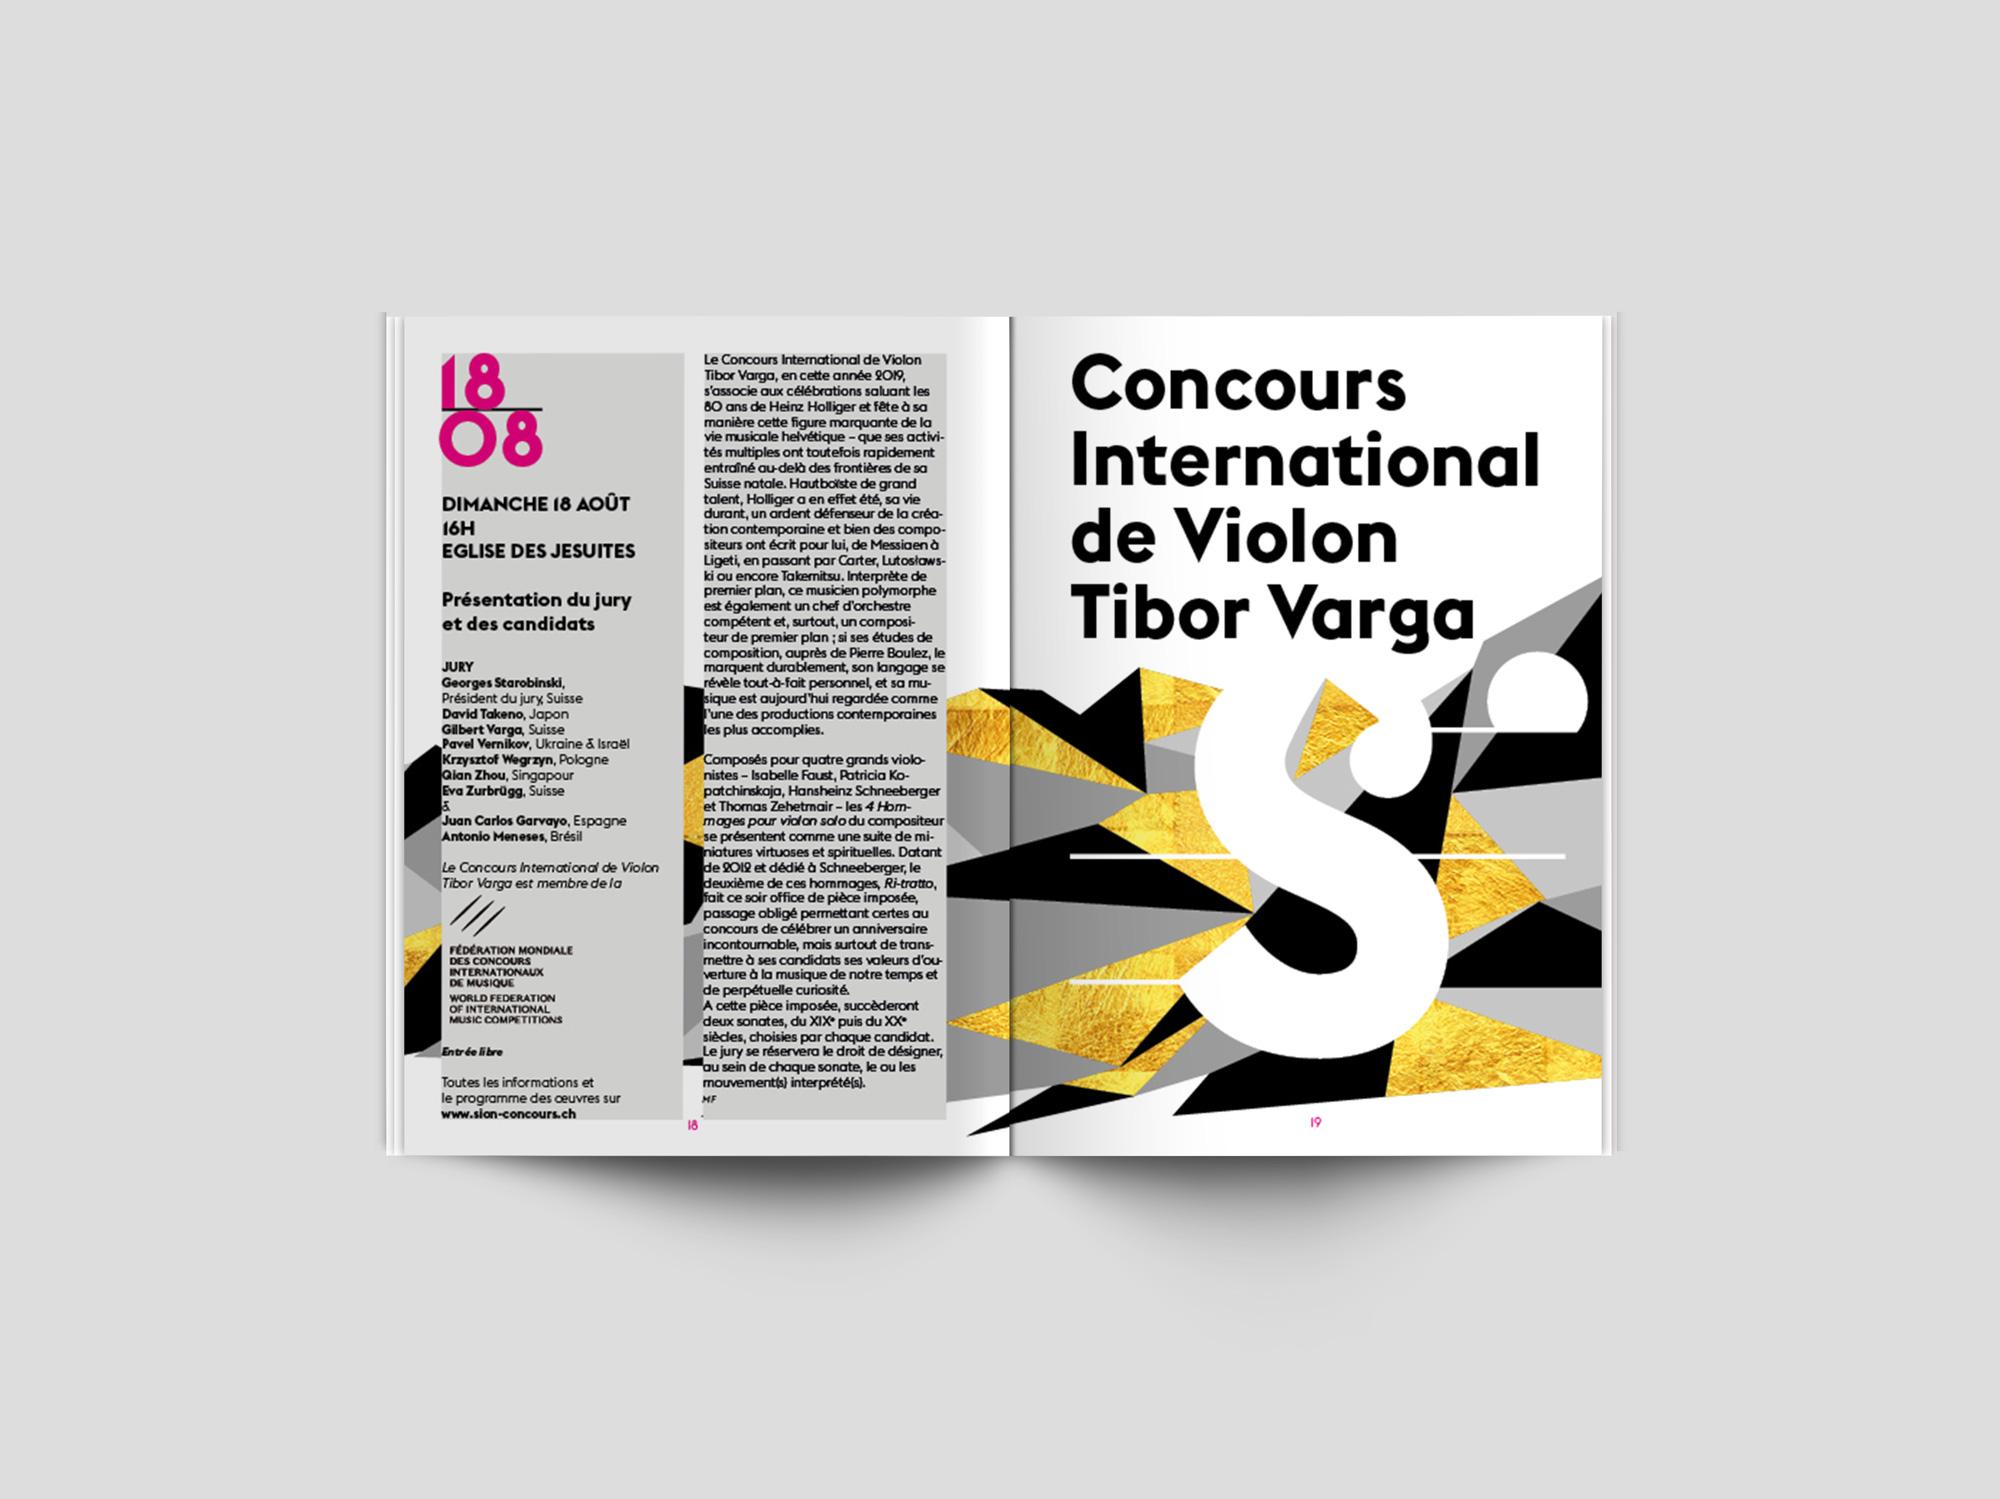 Sion Concours International de Violon Tiborg Varga - charte 2019_Agence Si Paris Studio-irresistible 002 livret